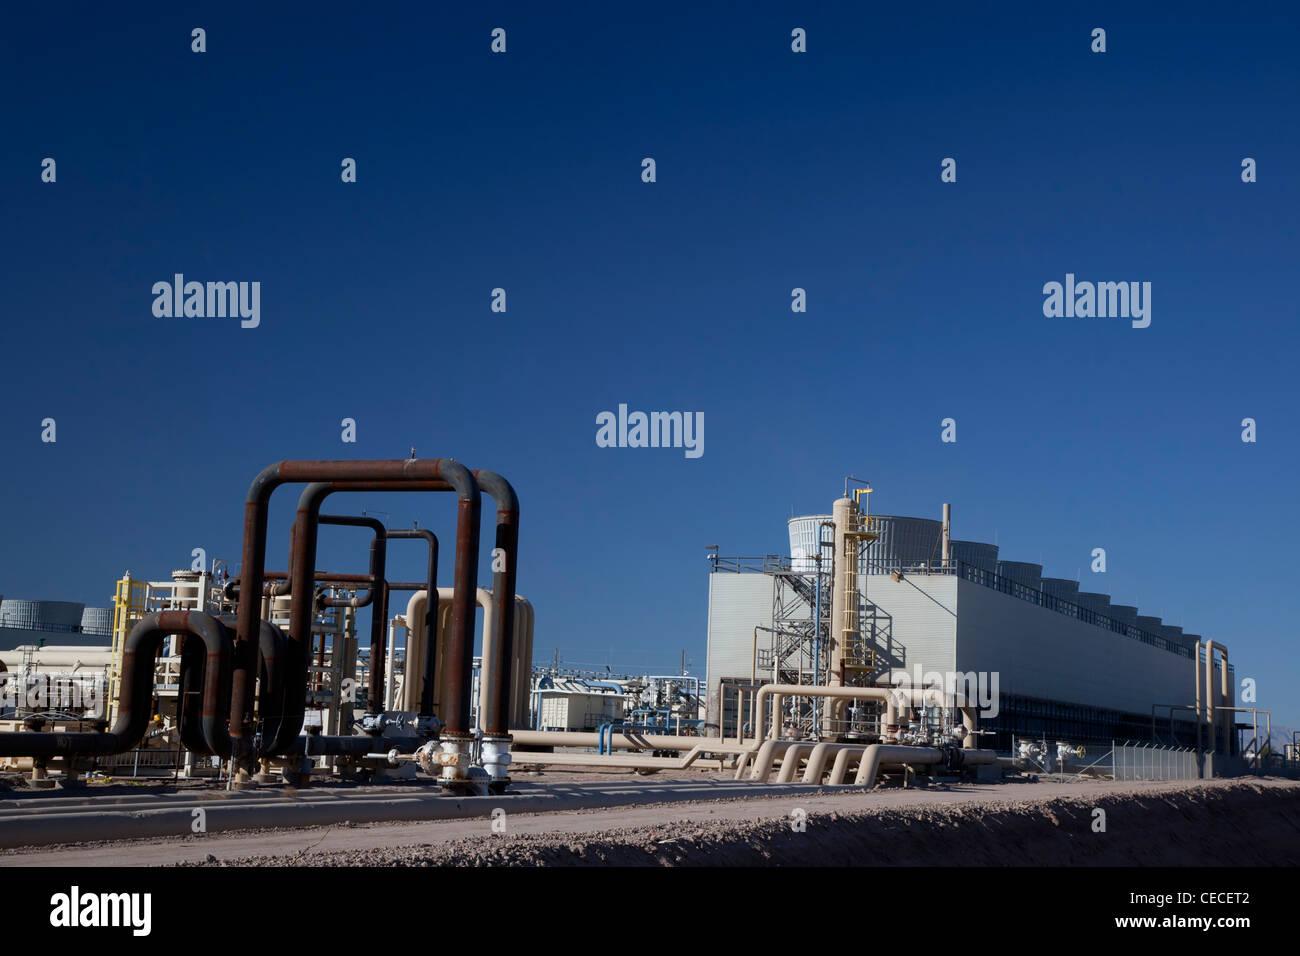 La Geotermia Facility Immagini Stock